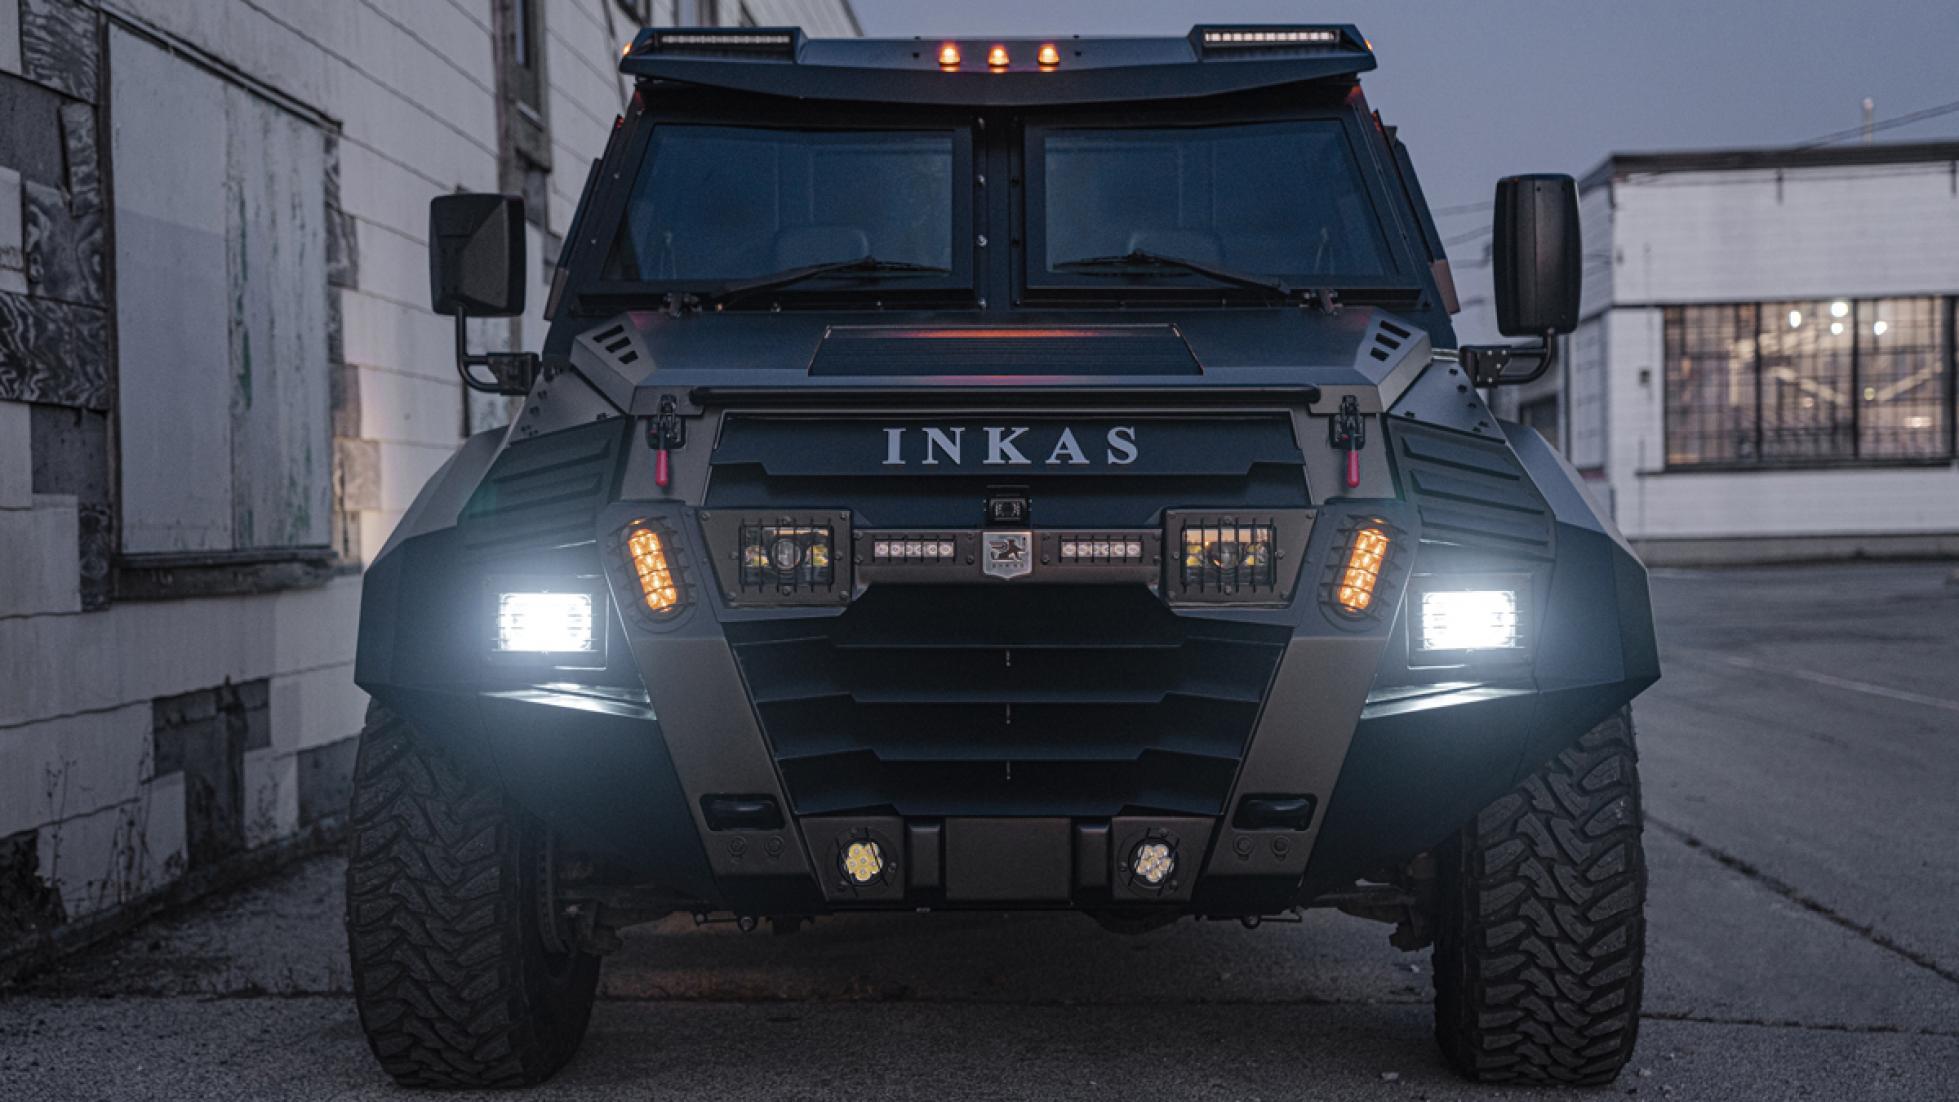 Butuh Mobil Anti Peluru Harian Inkas Jawabannya Blackxperience Com